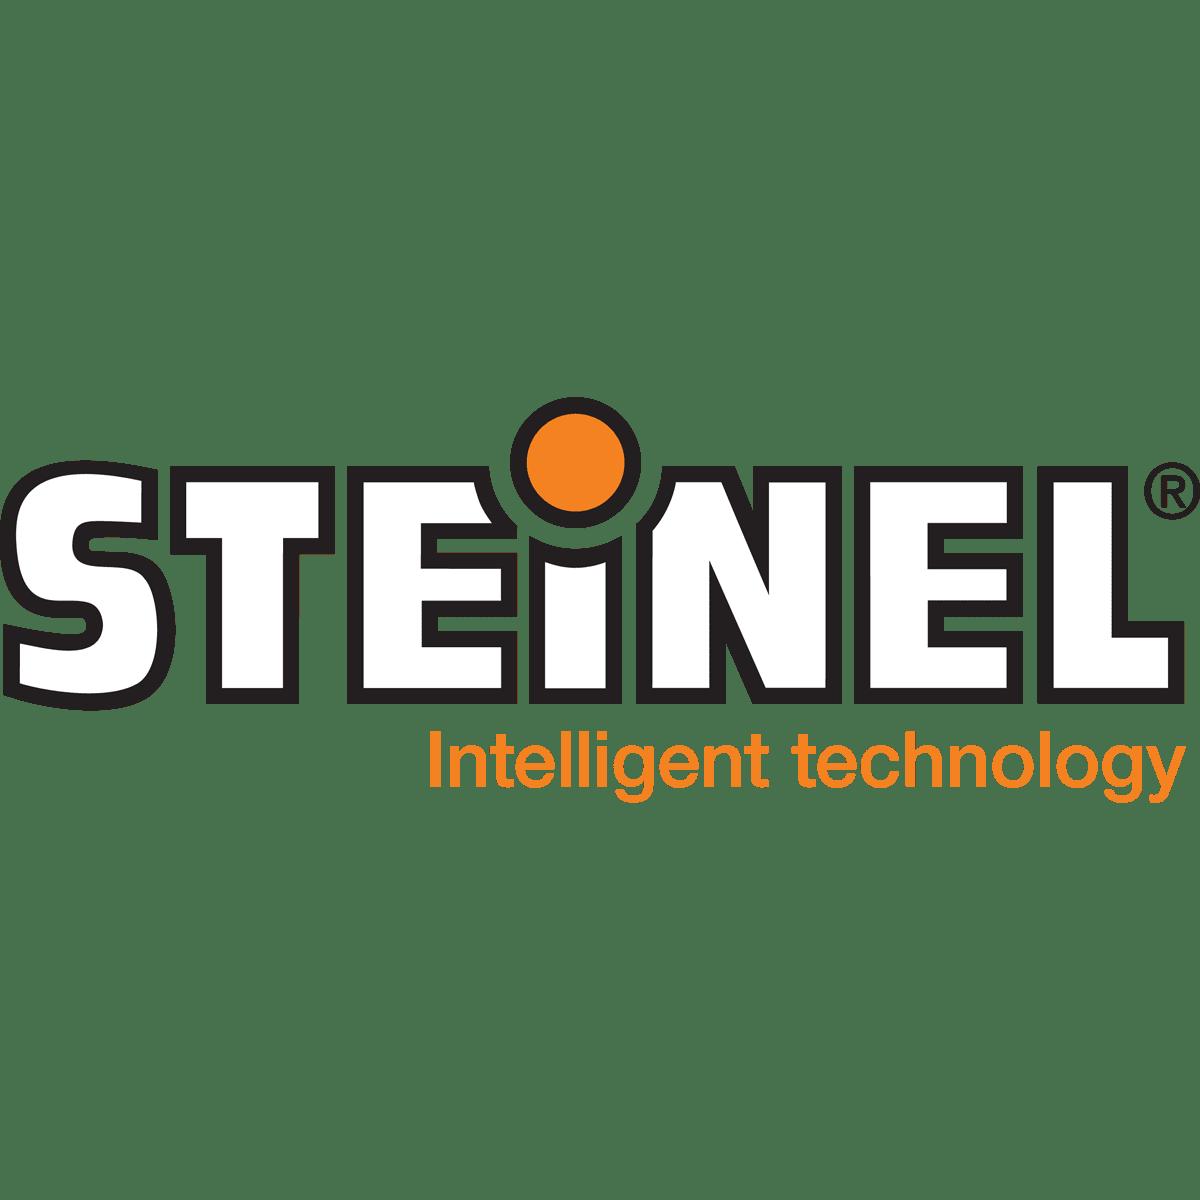 MC_Steinel